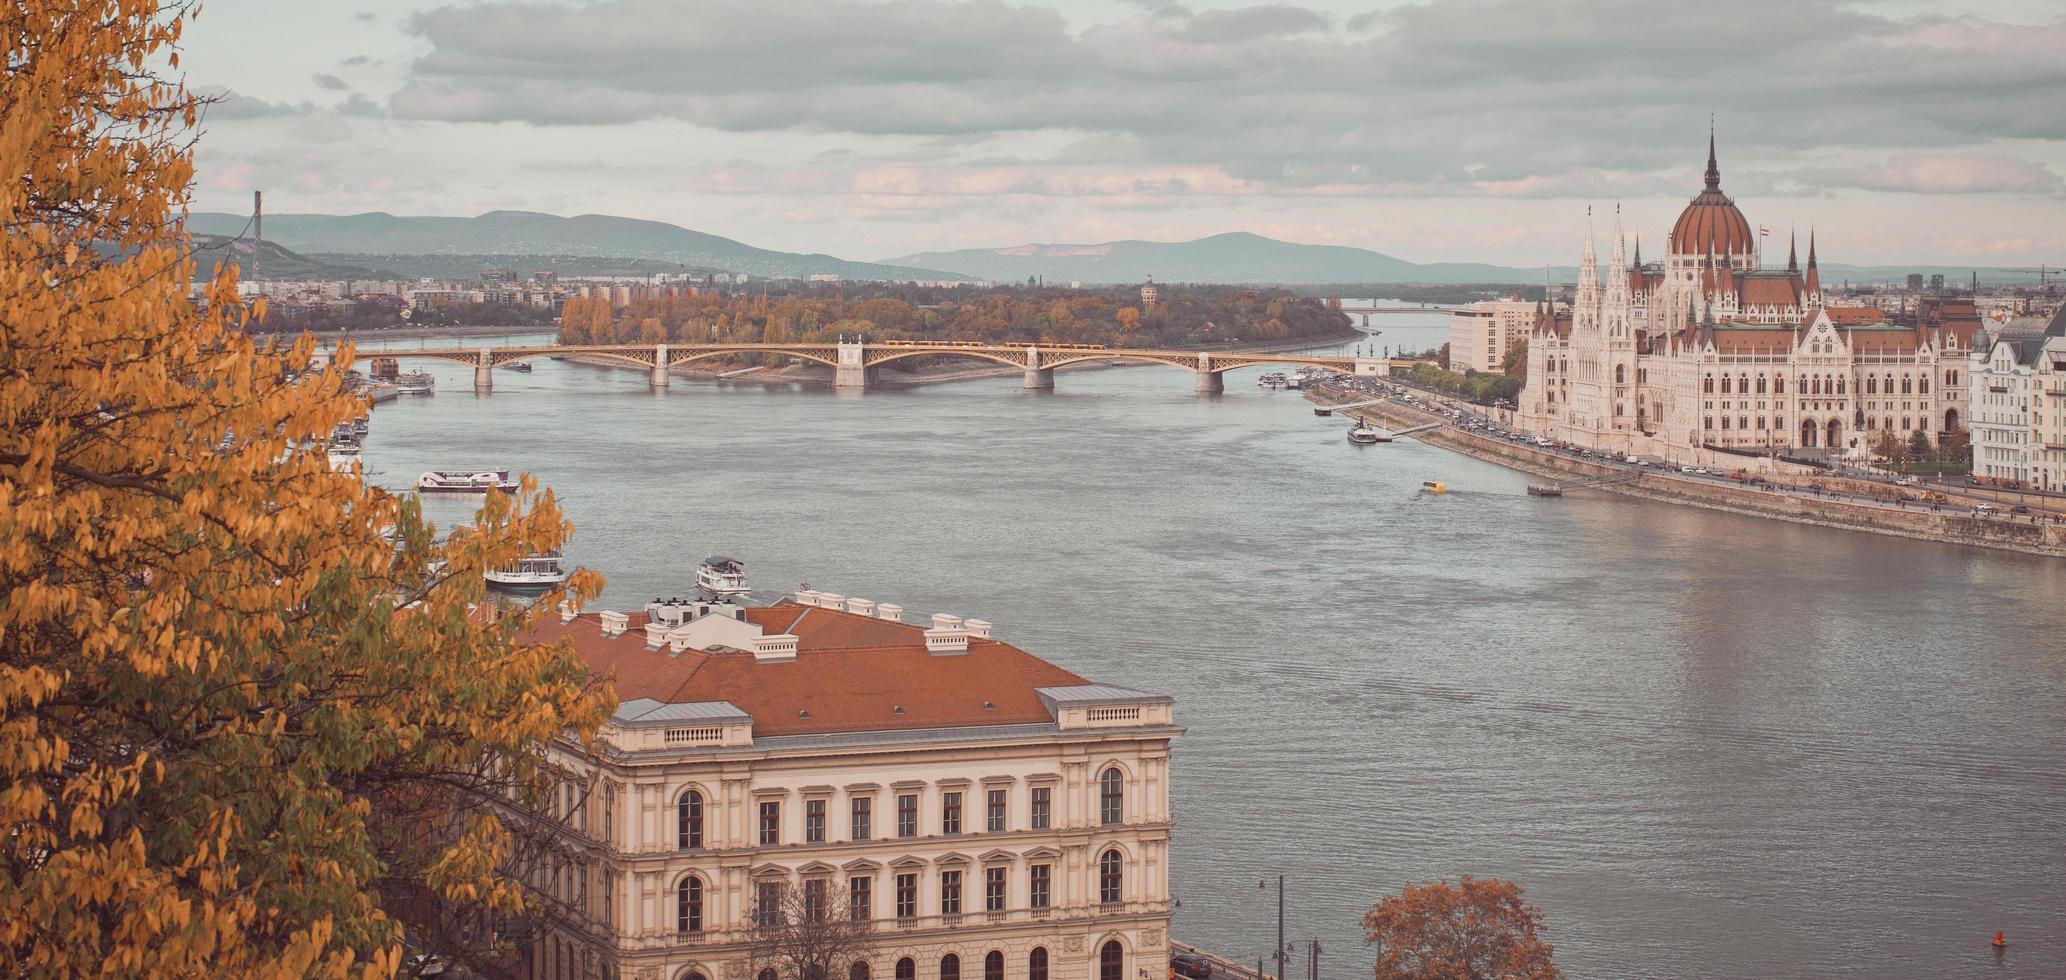 vatten, bro och byggnader foto